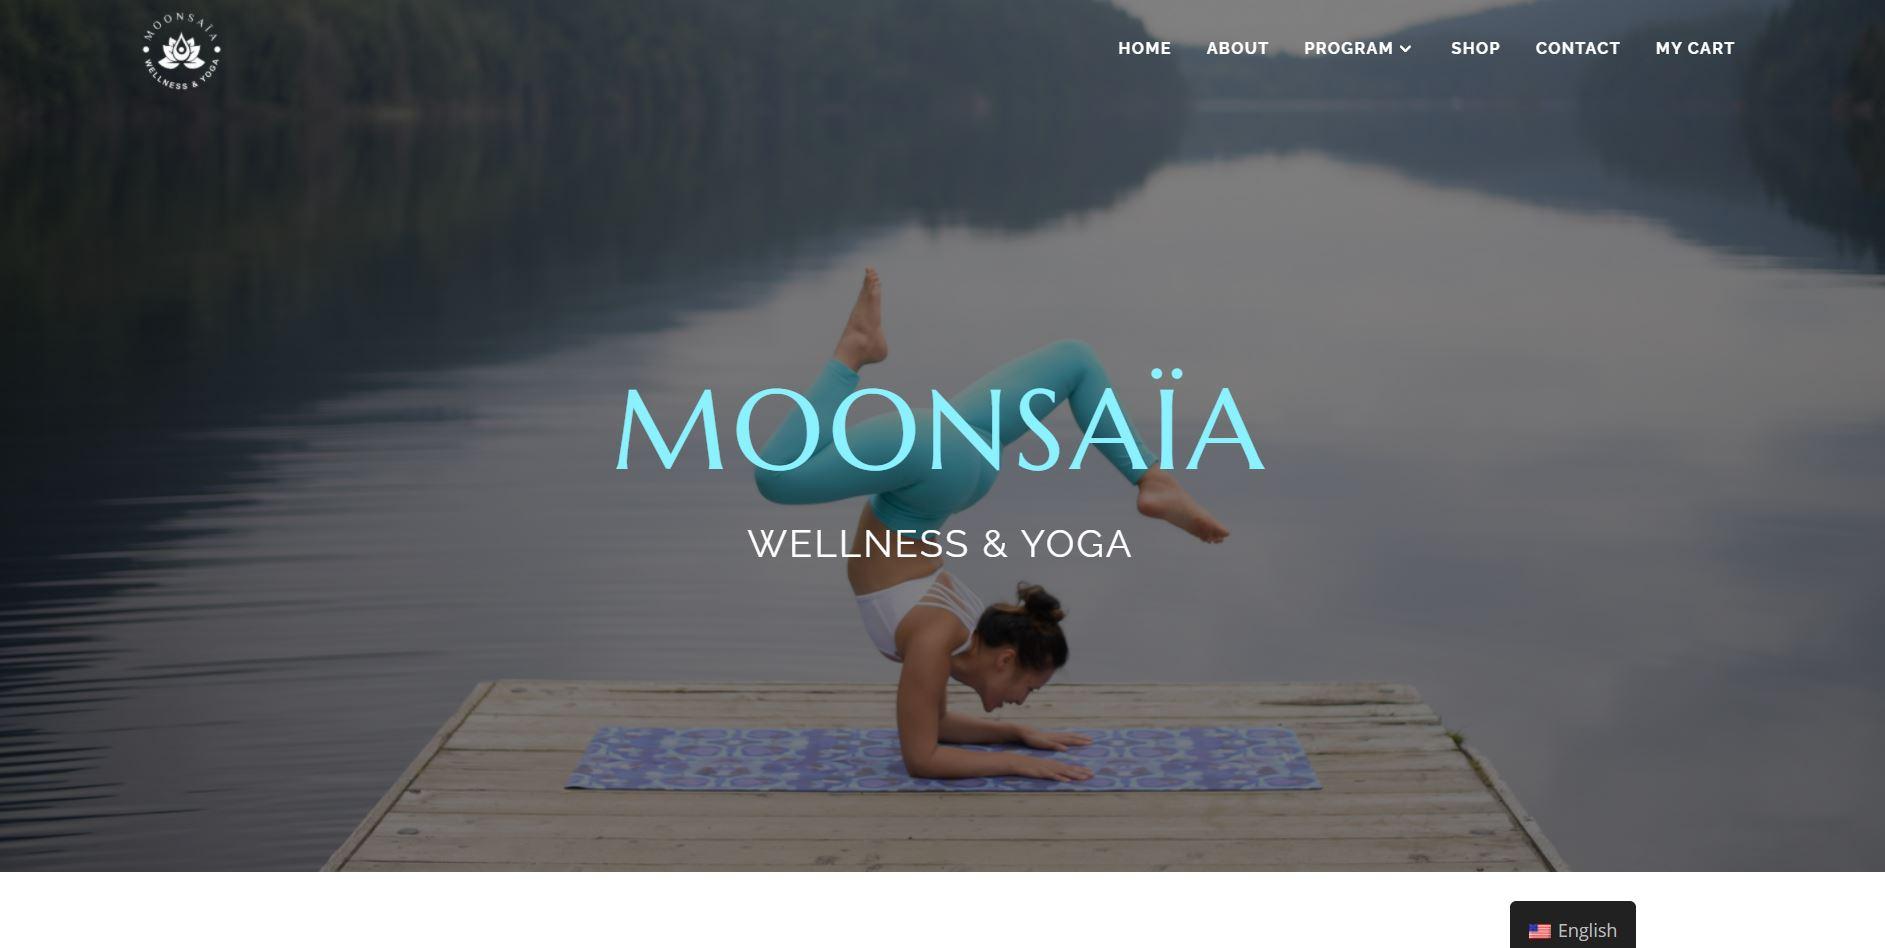 Moonsaia